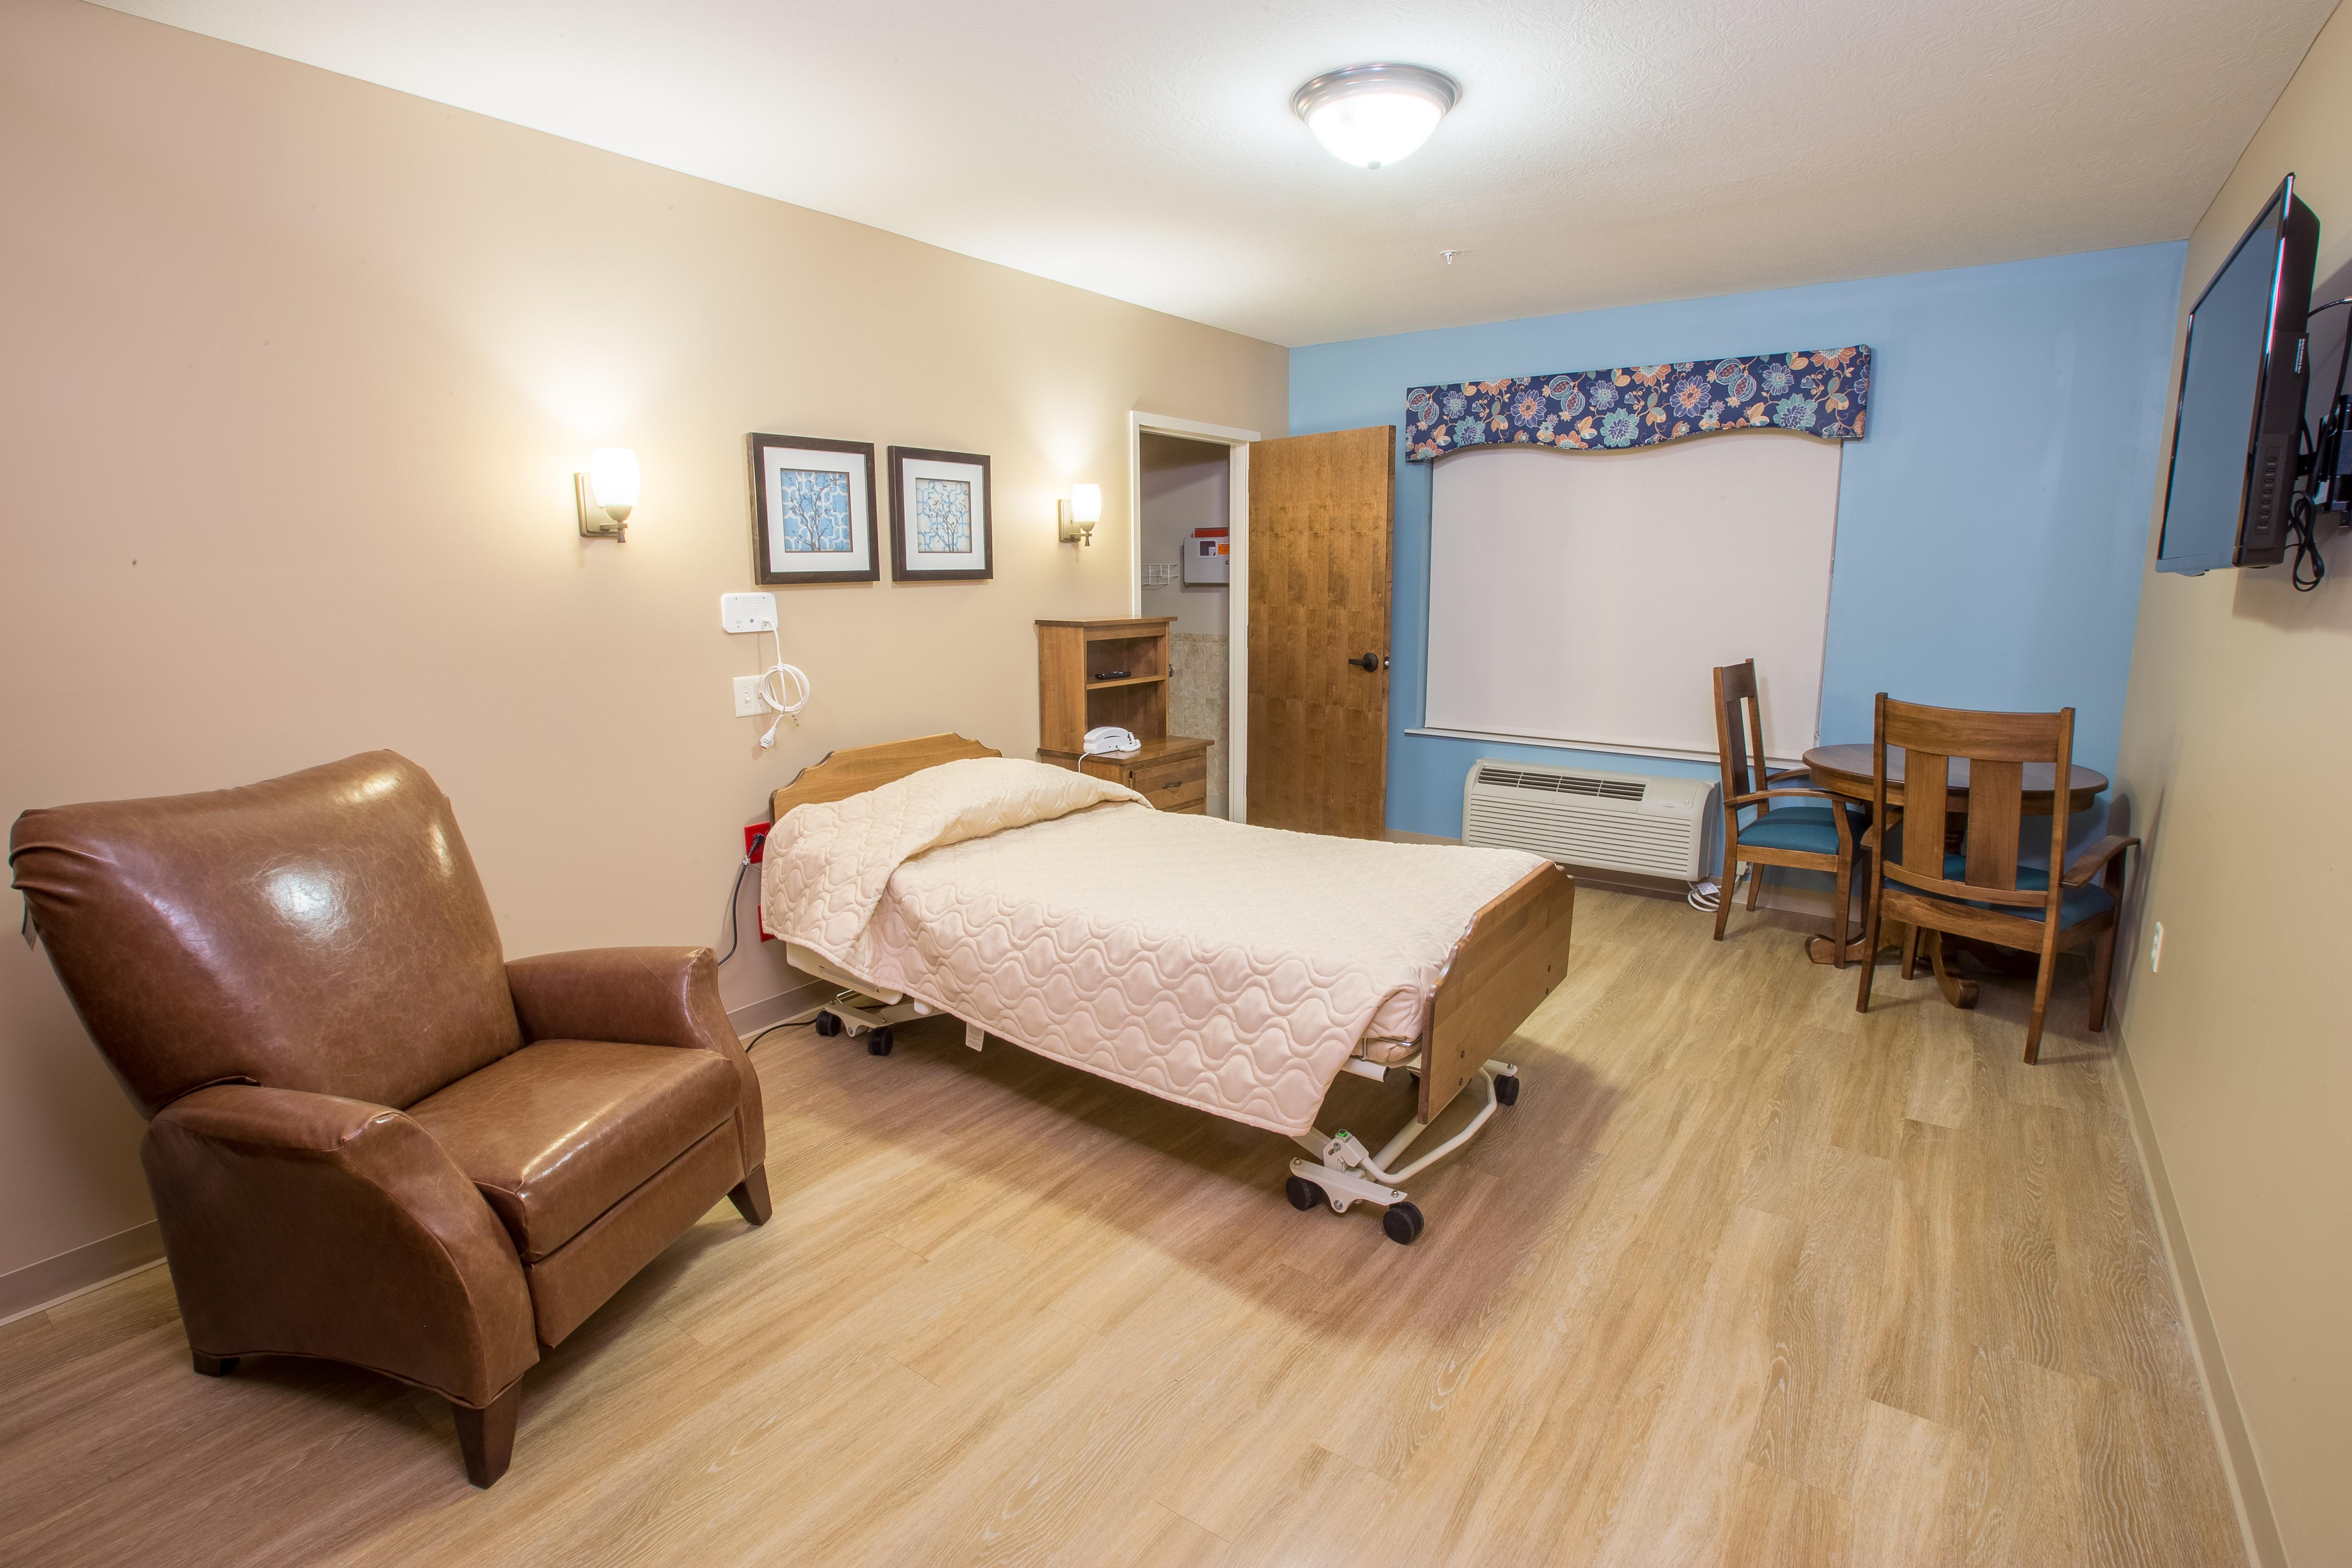 Meadow Grove Transitional Care - Grove City, OH 43123 - (614)594-1600 | ShowMeLocal.com